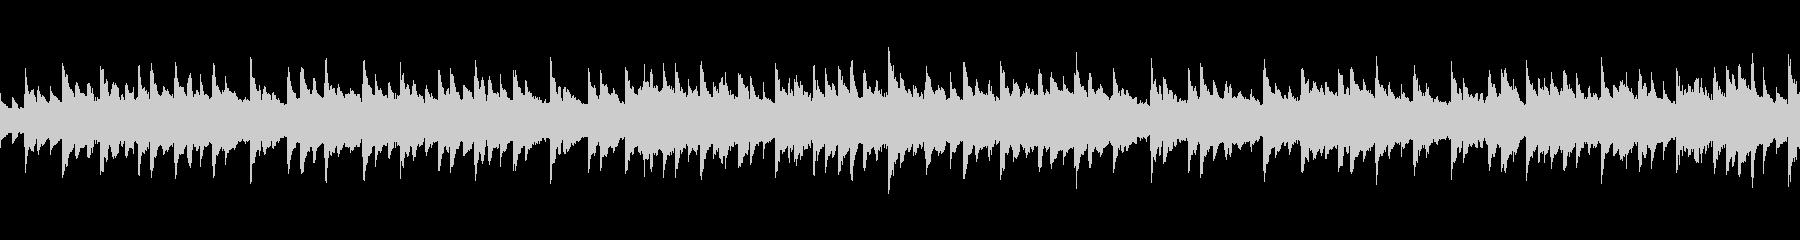 エレピの優しい音色のゆったりとした曲の未再生の波形